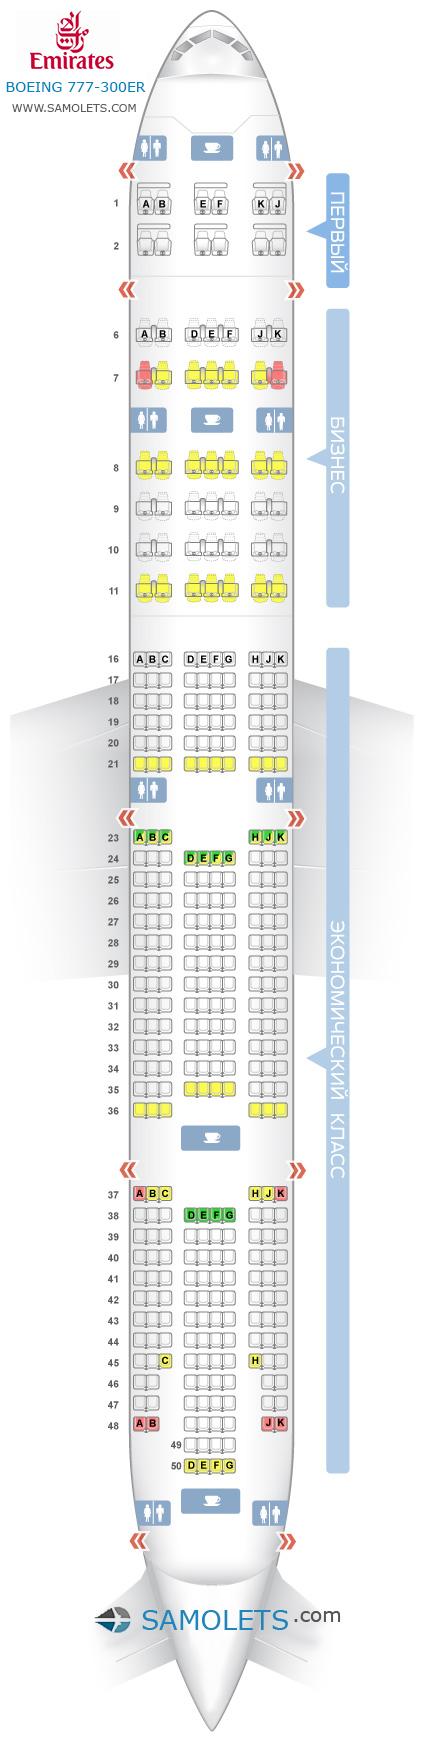 Схема салона Boeing 777-300ER